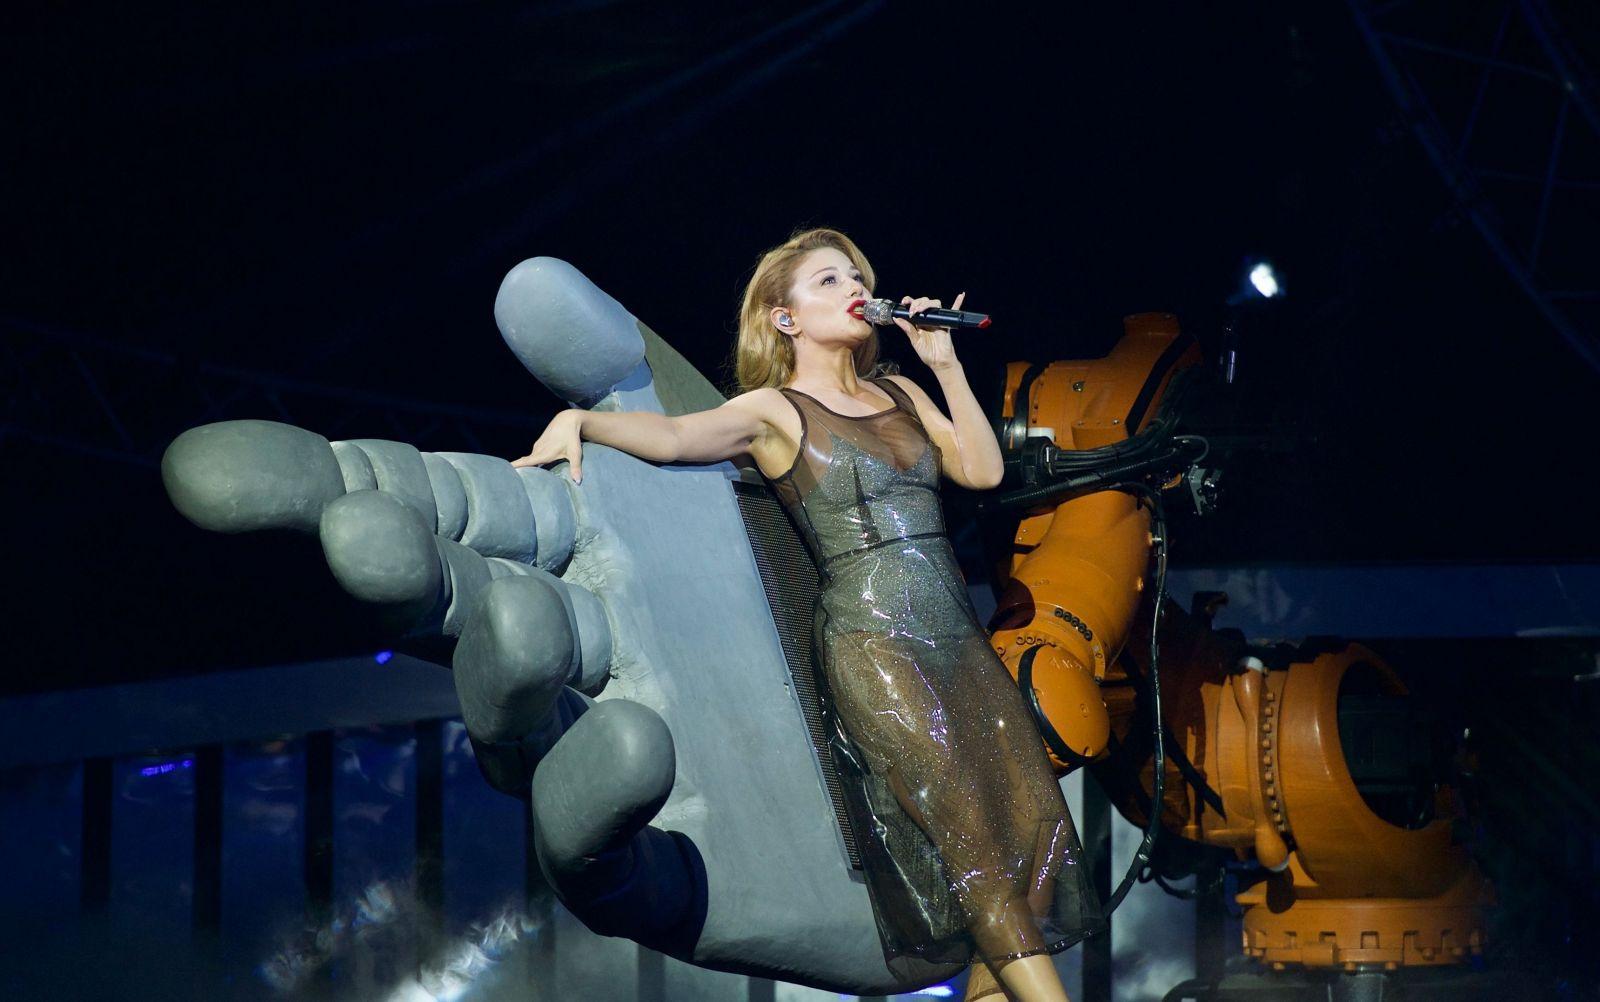 Тина Кароль вышла на сцену в сексуальном прозрачном платье